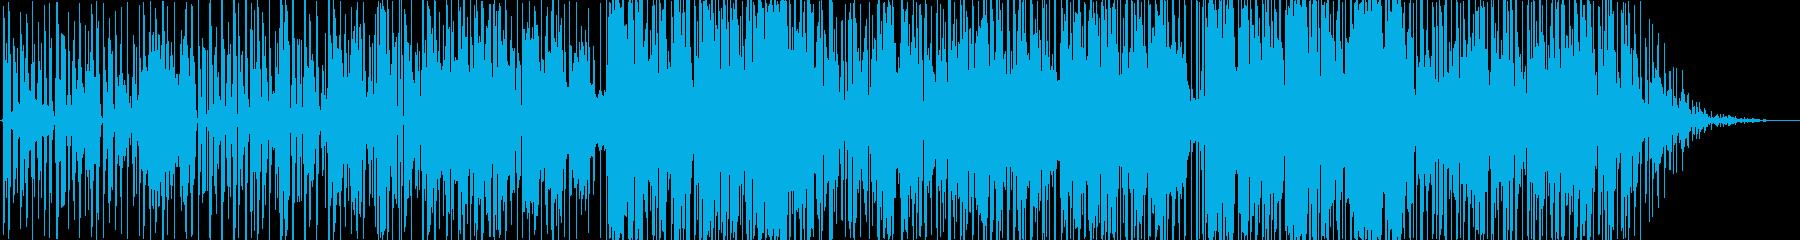 動画 アクション 技術的な 感情的...の再生済みの波形